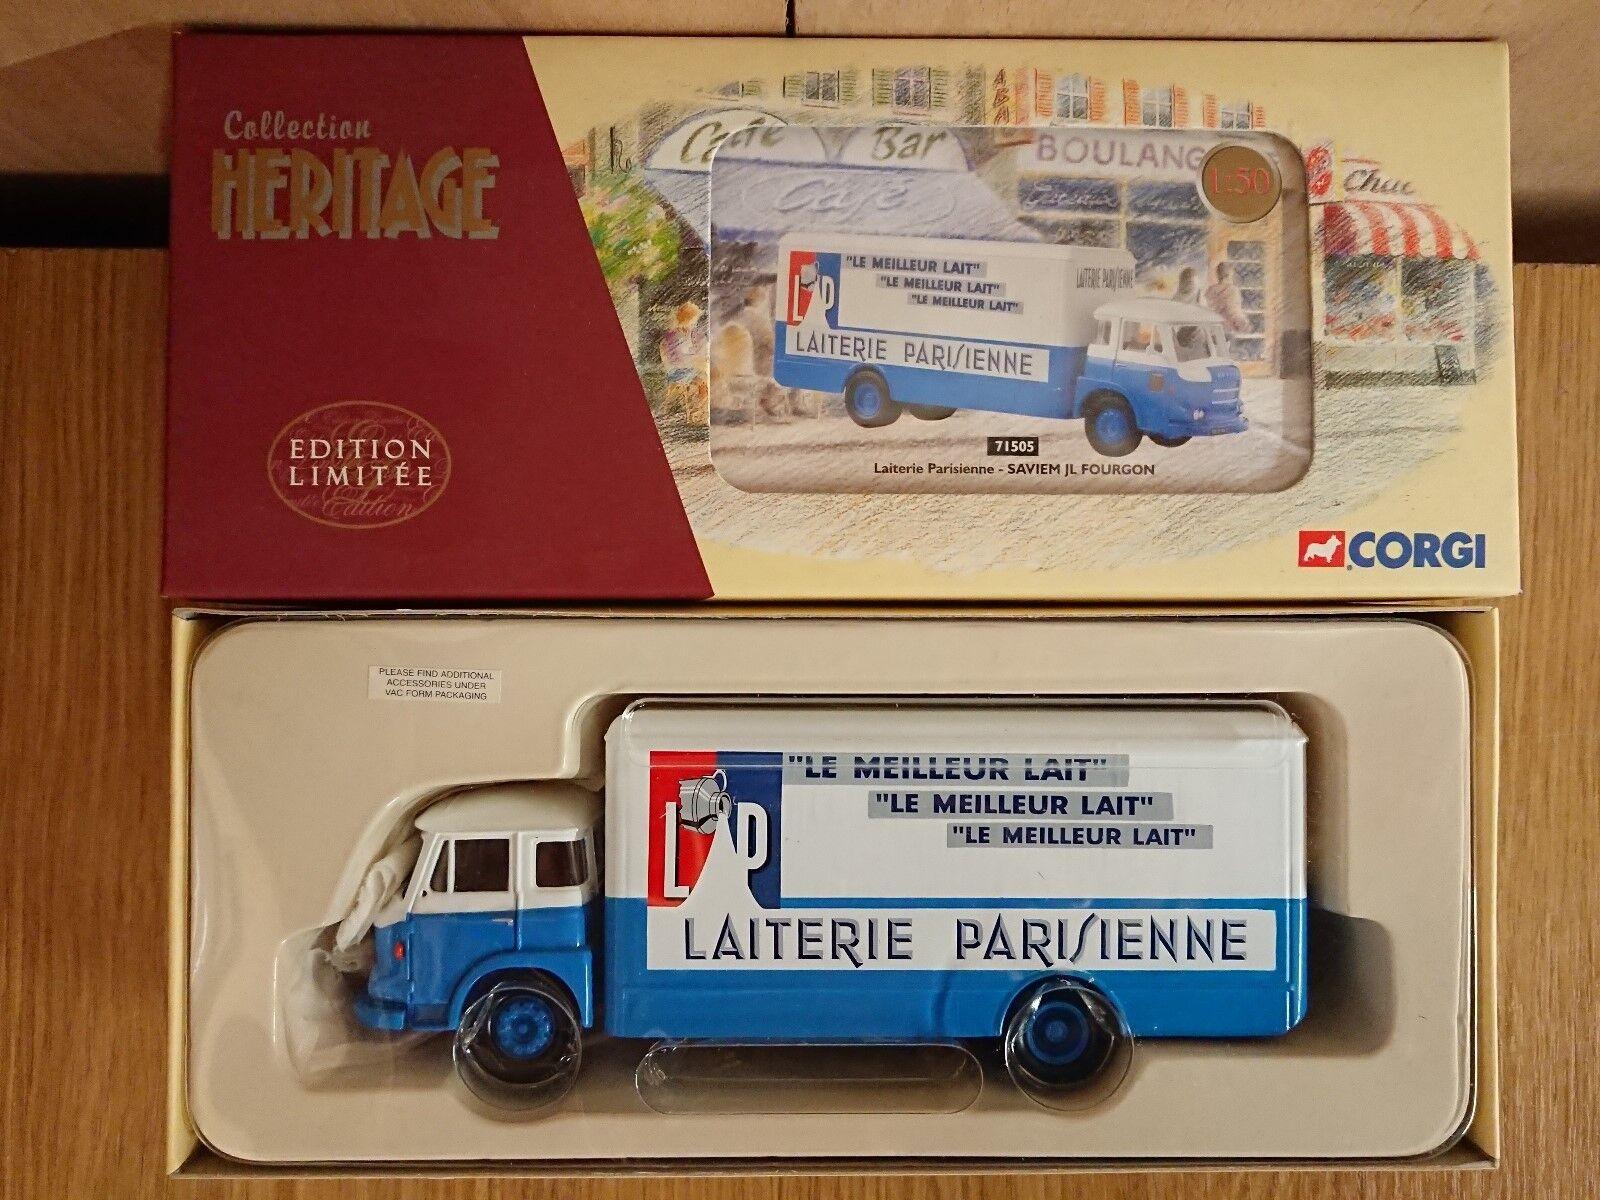 CORGI 71505 SAVIEM JL baggage car la laiterie parisienne Ltd Edition No 0910 de 1500